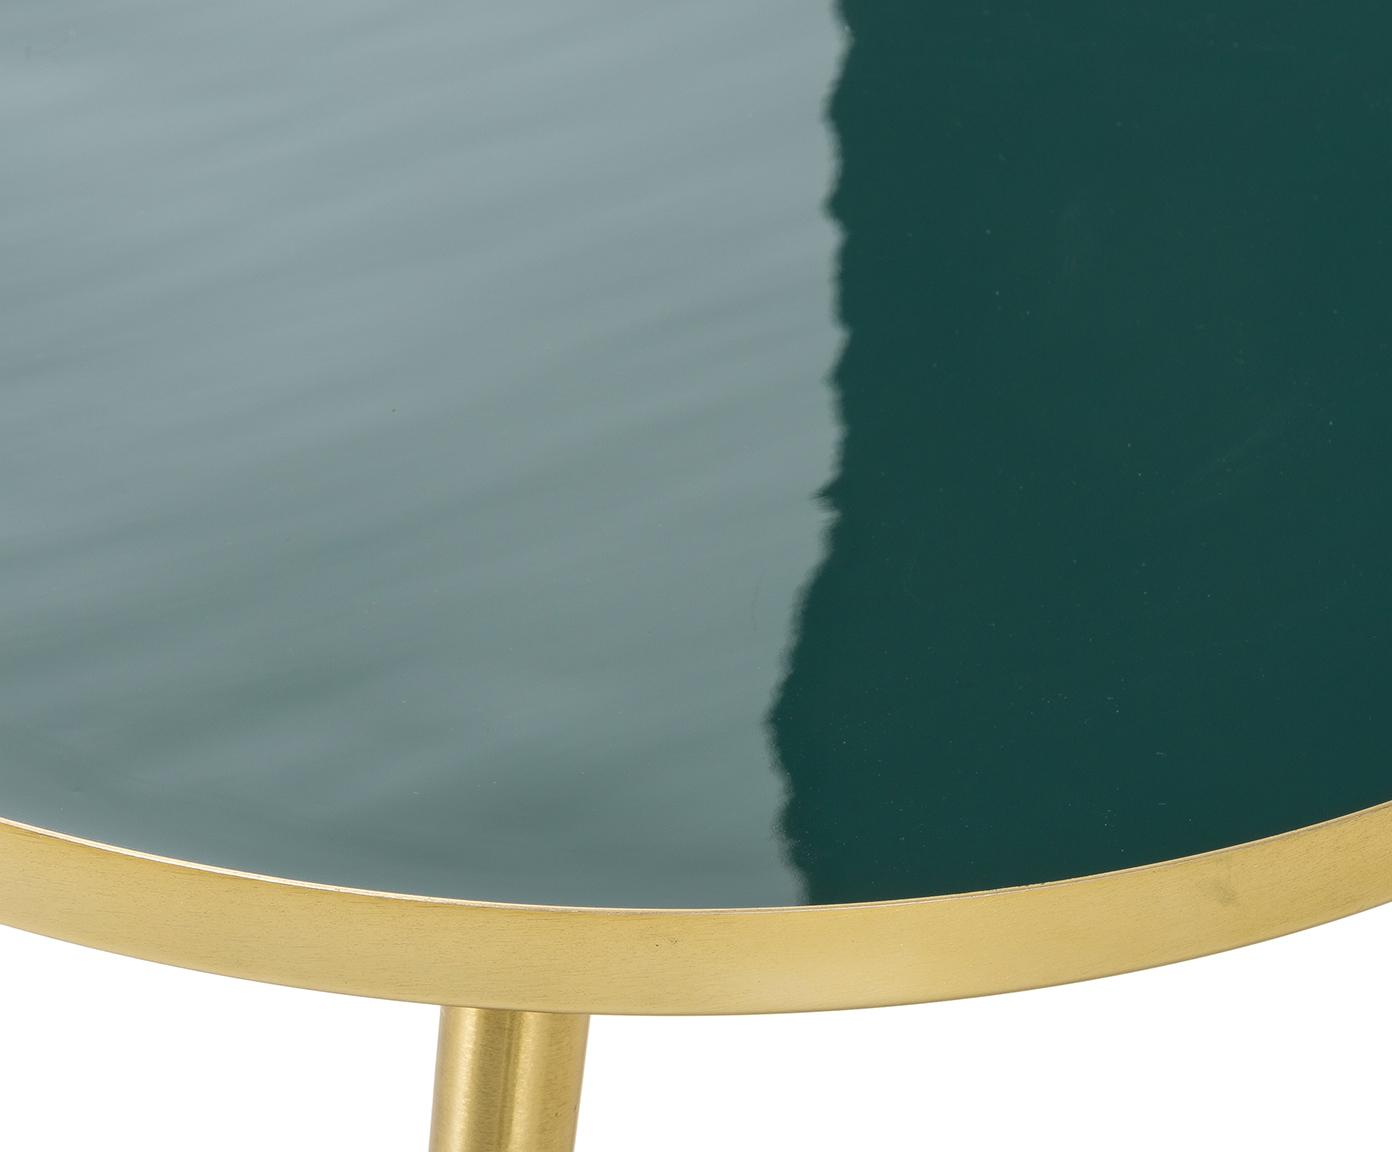 Stolik kawowy Amalia, Blat: ciemnyzielony Nogi stolika: odcienie złotego, Ø 50 x W 42 cm